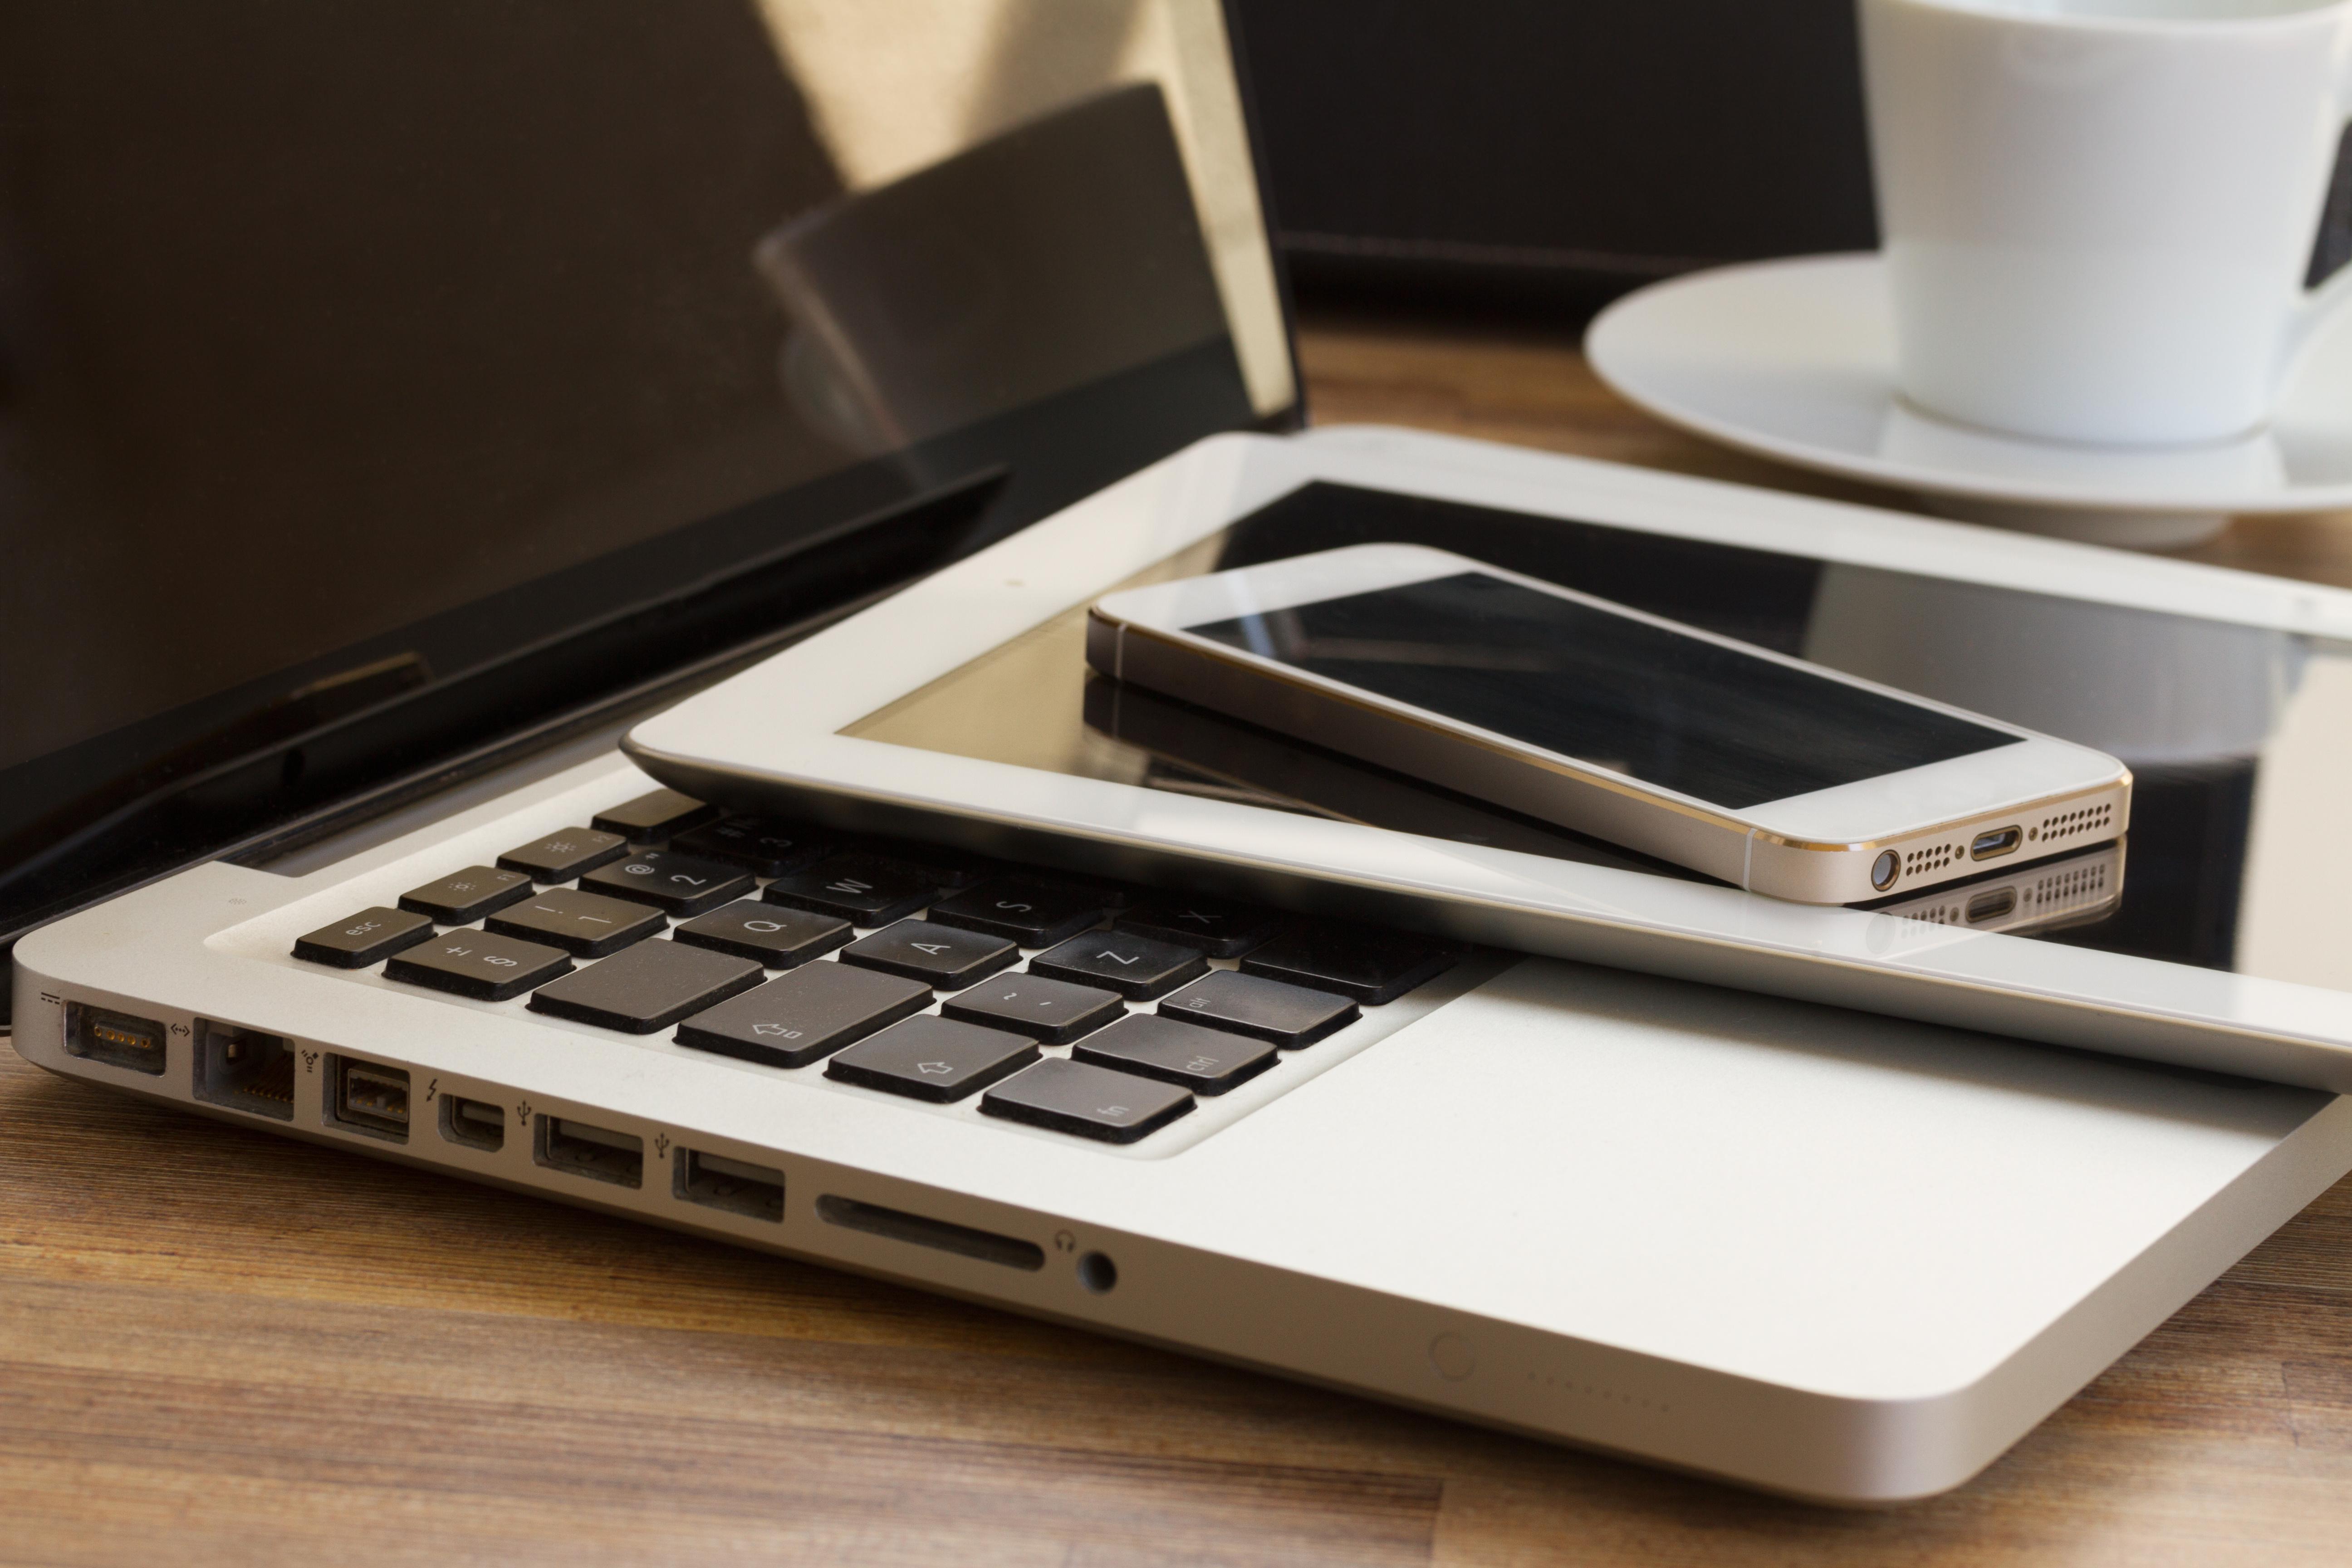 Laptop, Tablet und Handy liegen auf dem Tisch